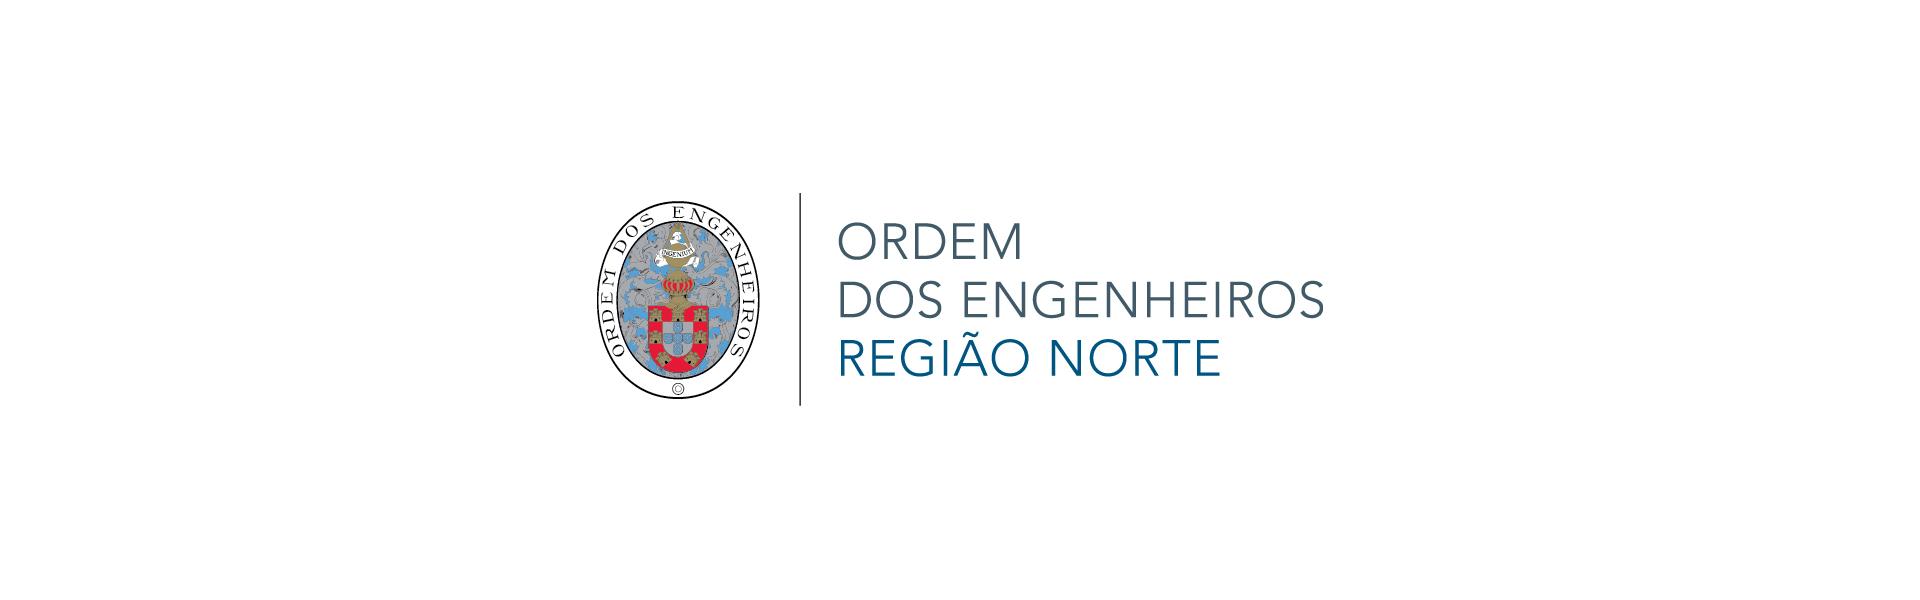 Conferências Ordem dos Engenheiros